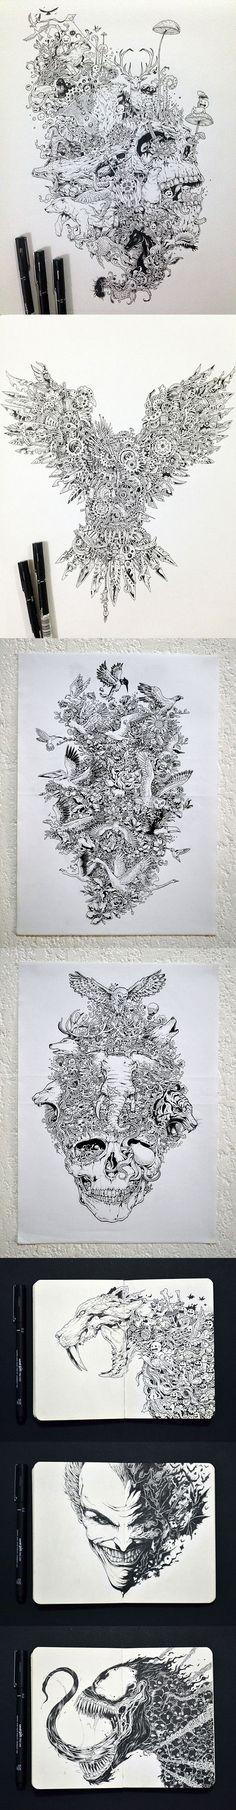 Les dessins et illustrations bourrées de détails de Kerby Rosanes (Philippines)…